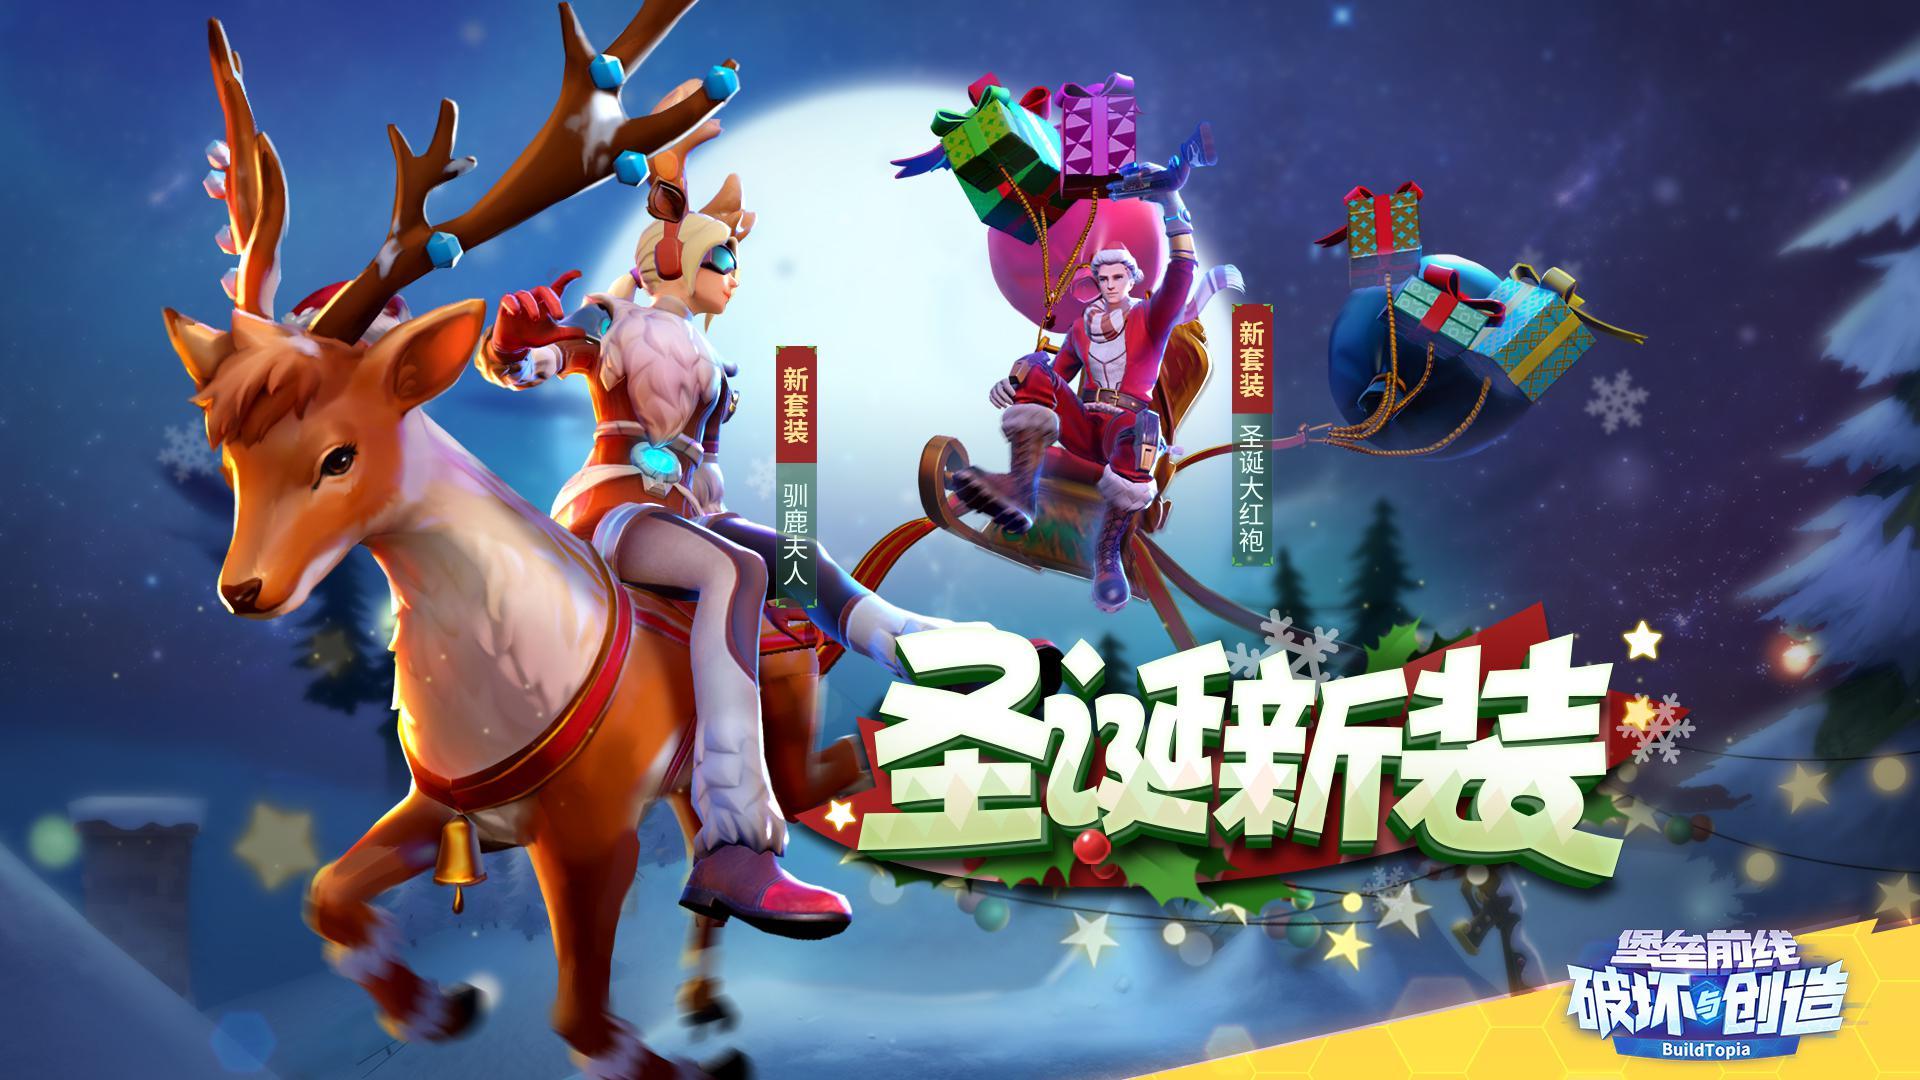 圣诞礼物安排!《堡垒前线》缤纷圣诞集糖果换史诗降落伞